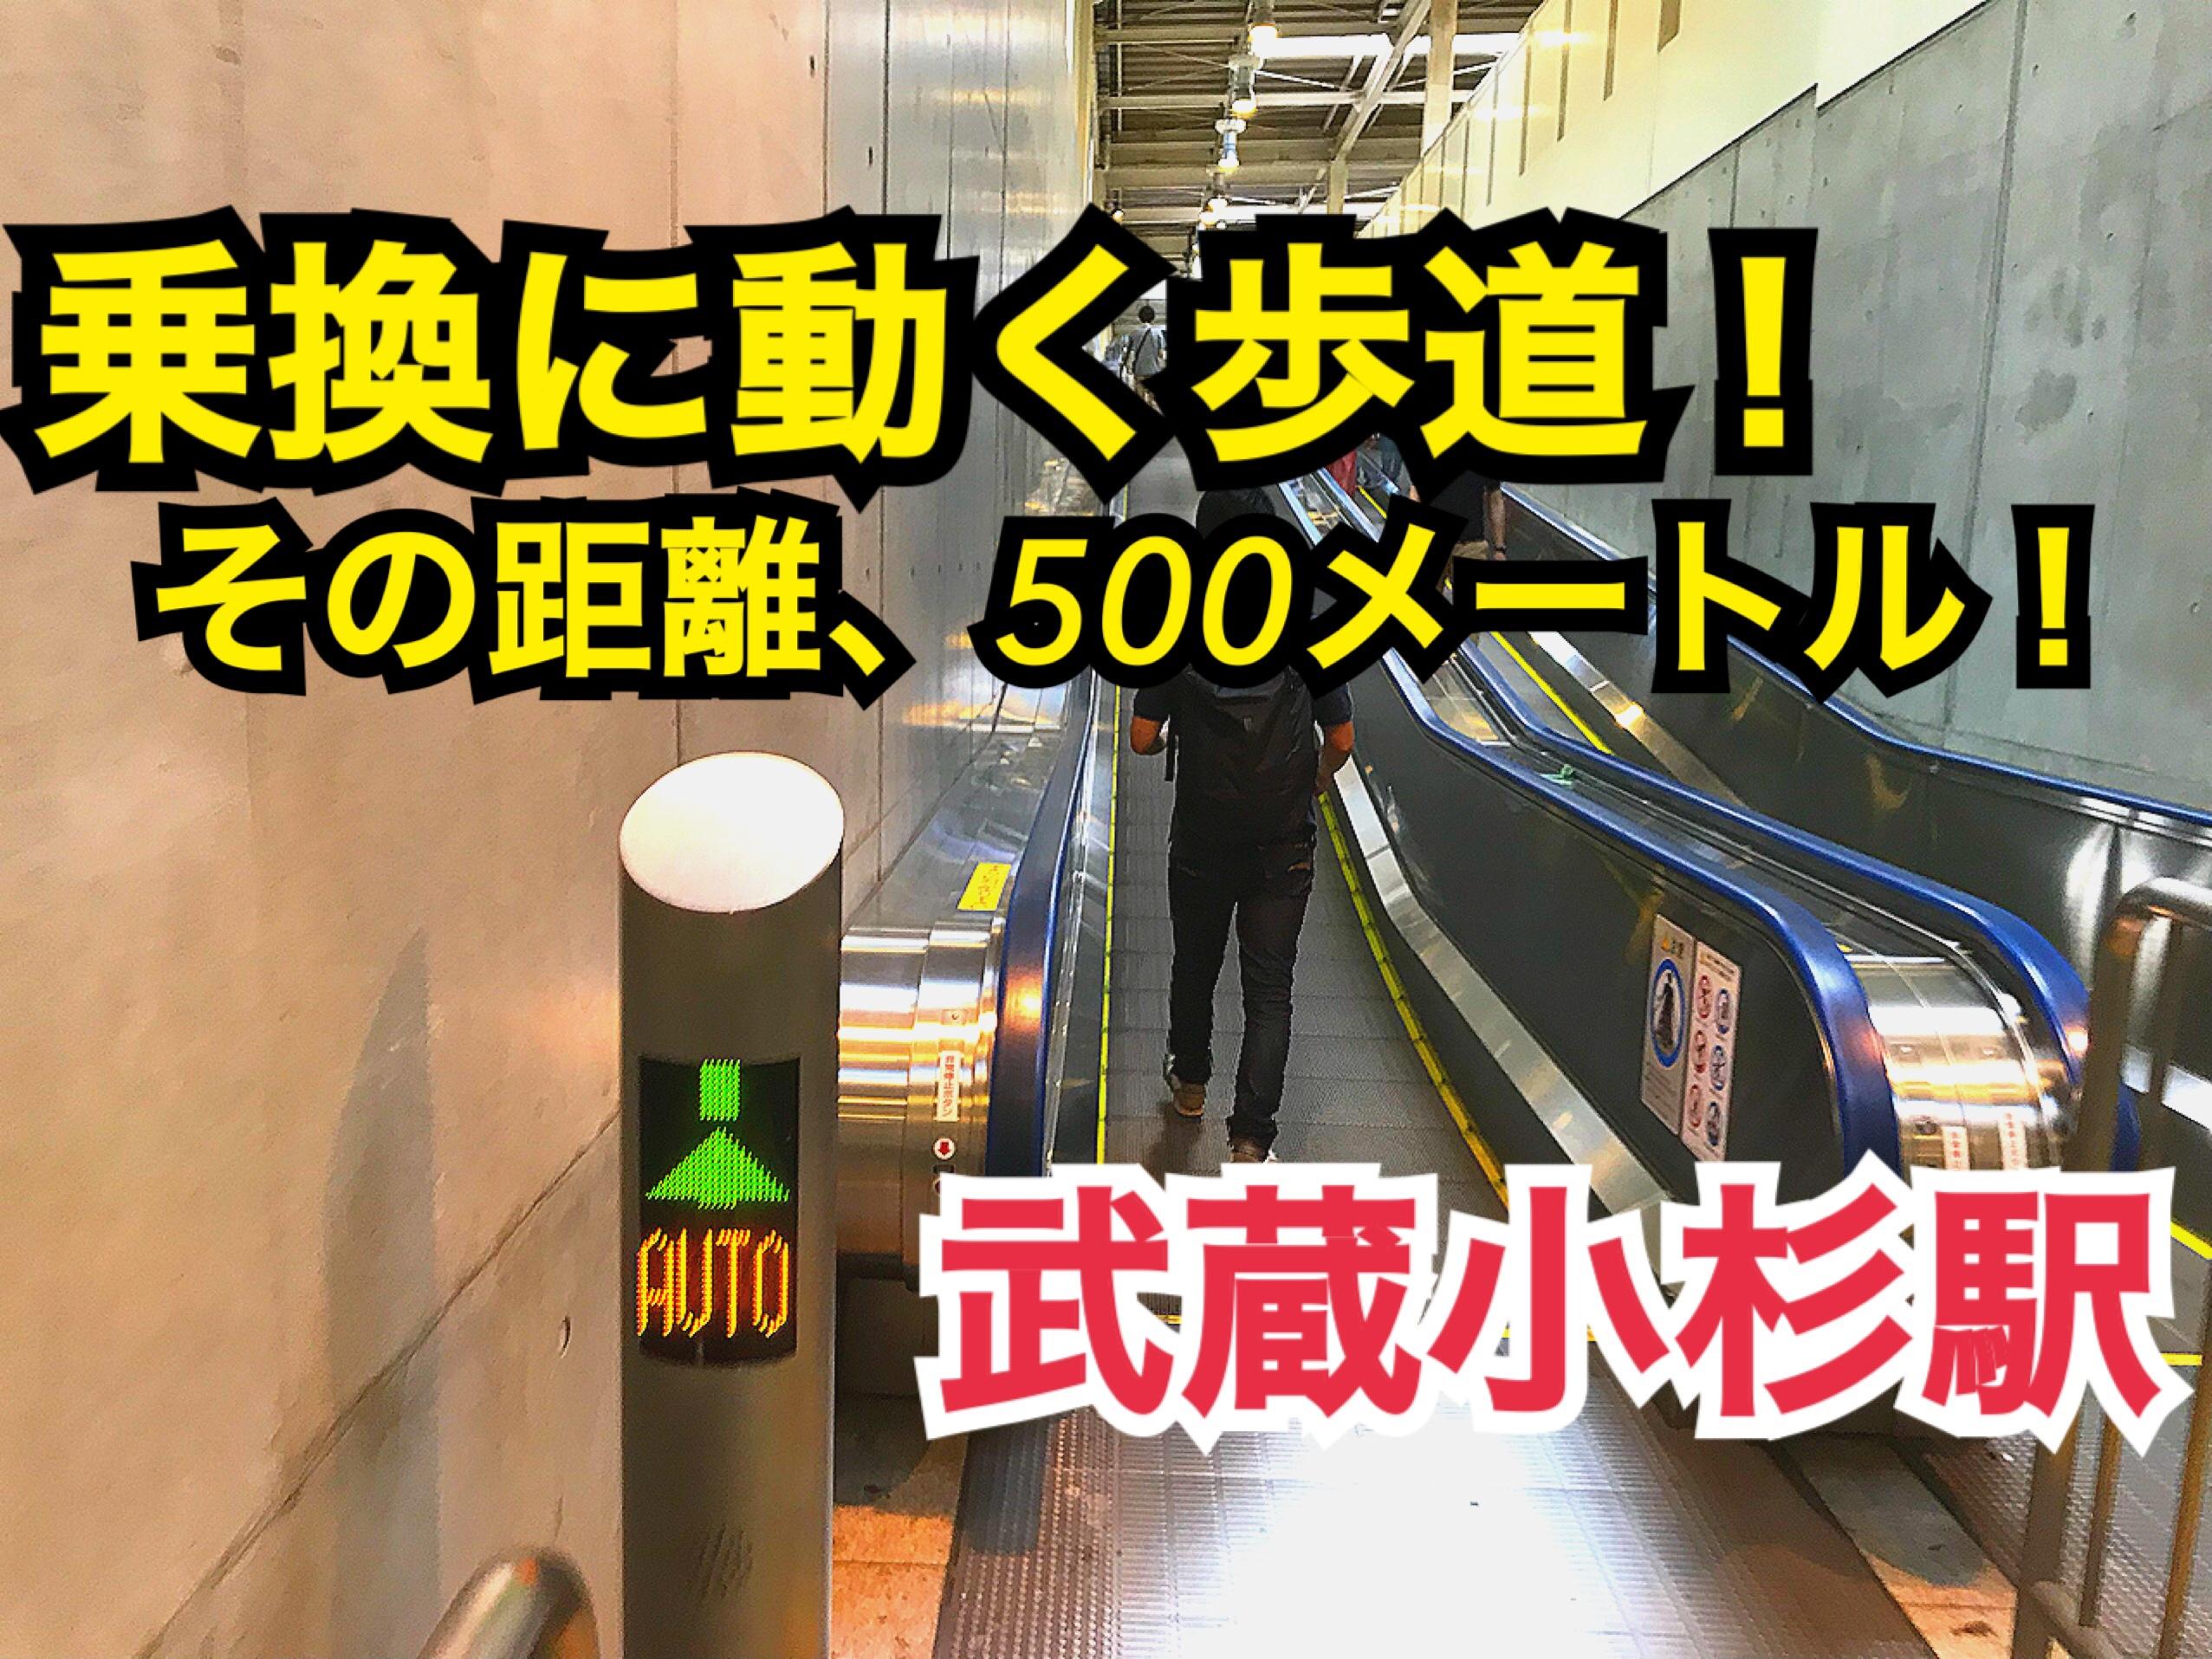 【過酷!】動く歩道で乗換の武蔵小杉駅!何分かかる?